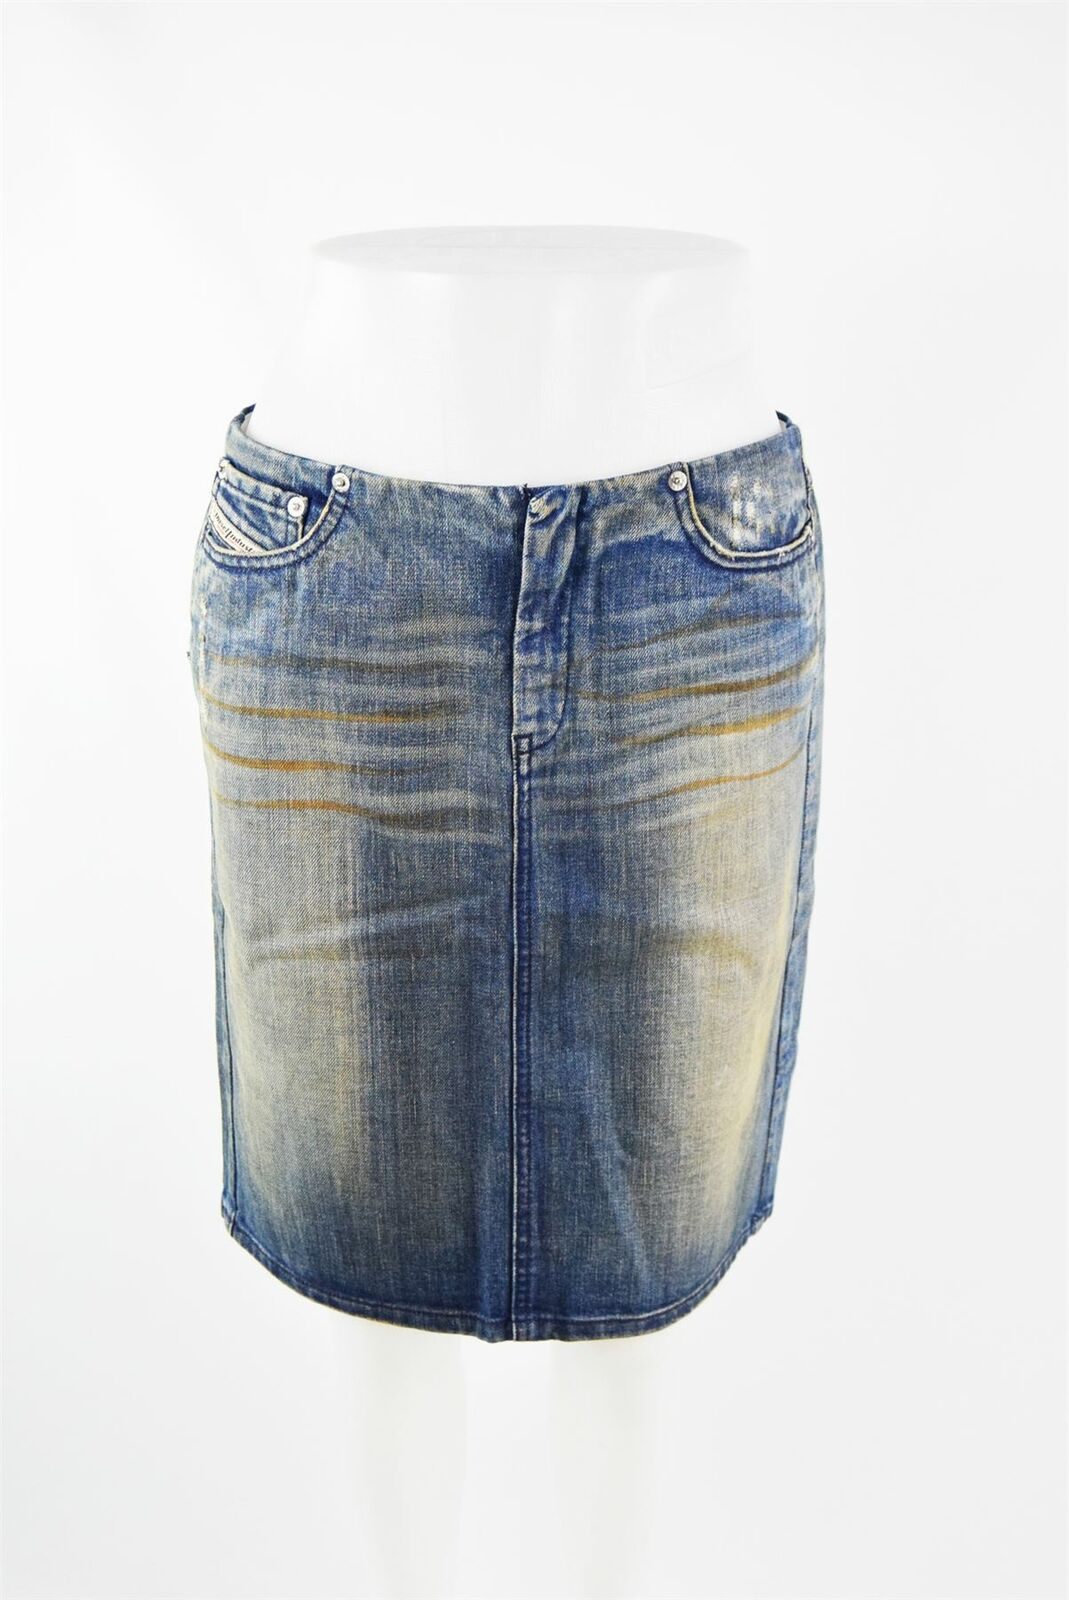 DIESEL bluee 100% Cotton Denim Skirt, US 6